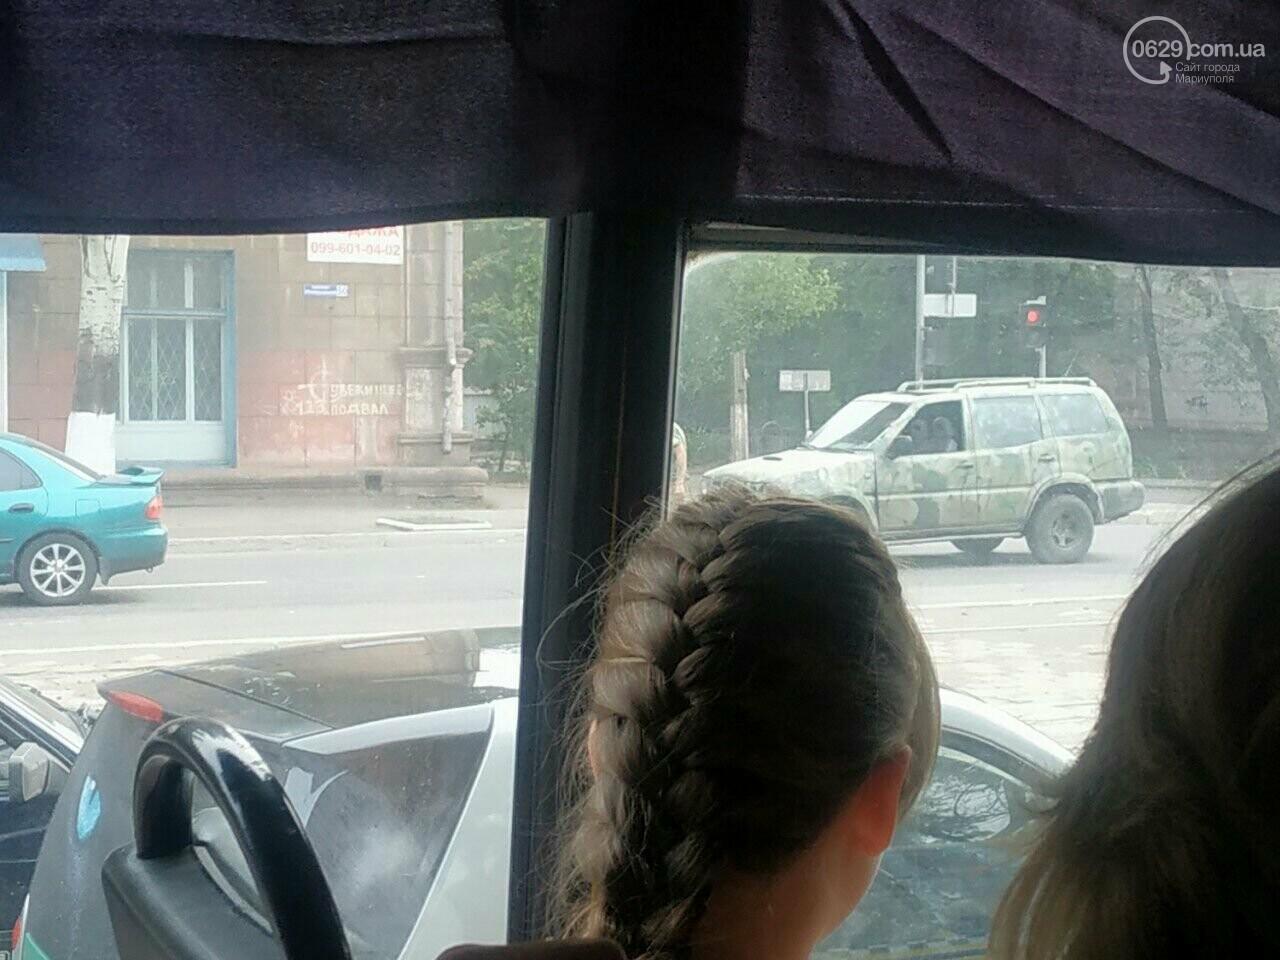 В Мариуполе внедорожник военнослужащих догнал Мазду, - ФОТО, фото-1